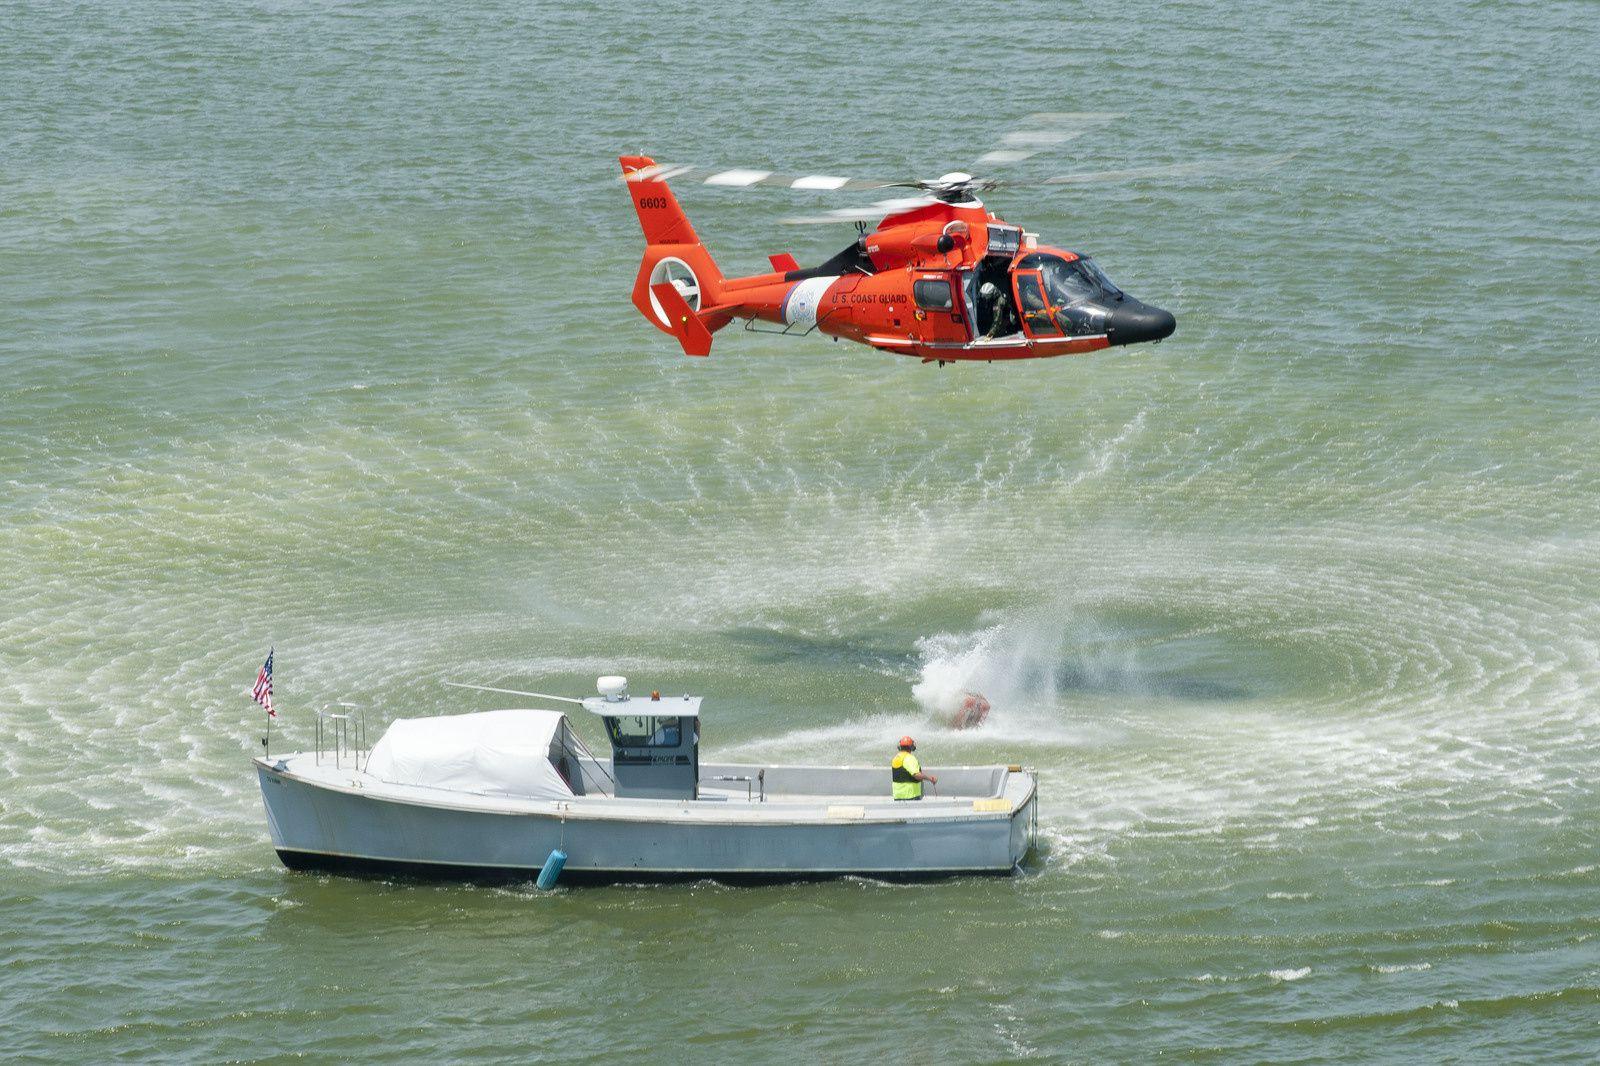 © USCG - Un MH-65D Dauphin et son équipage de l'Air Station Houston lors d'un exercice.